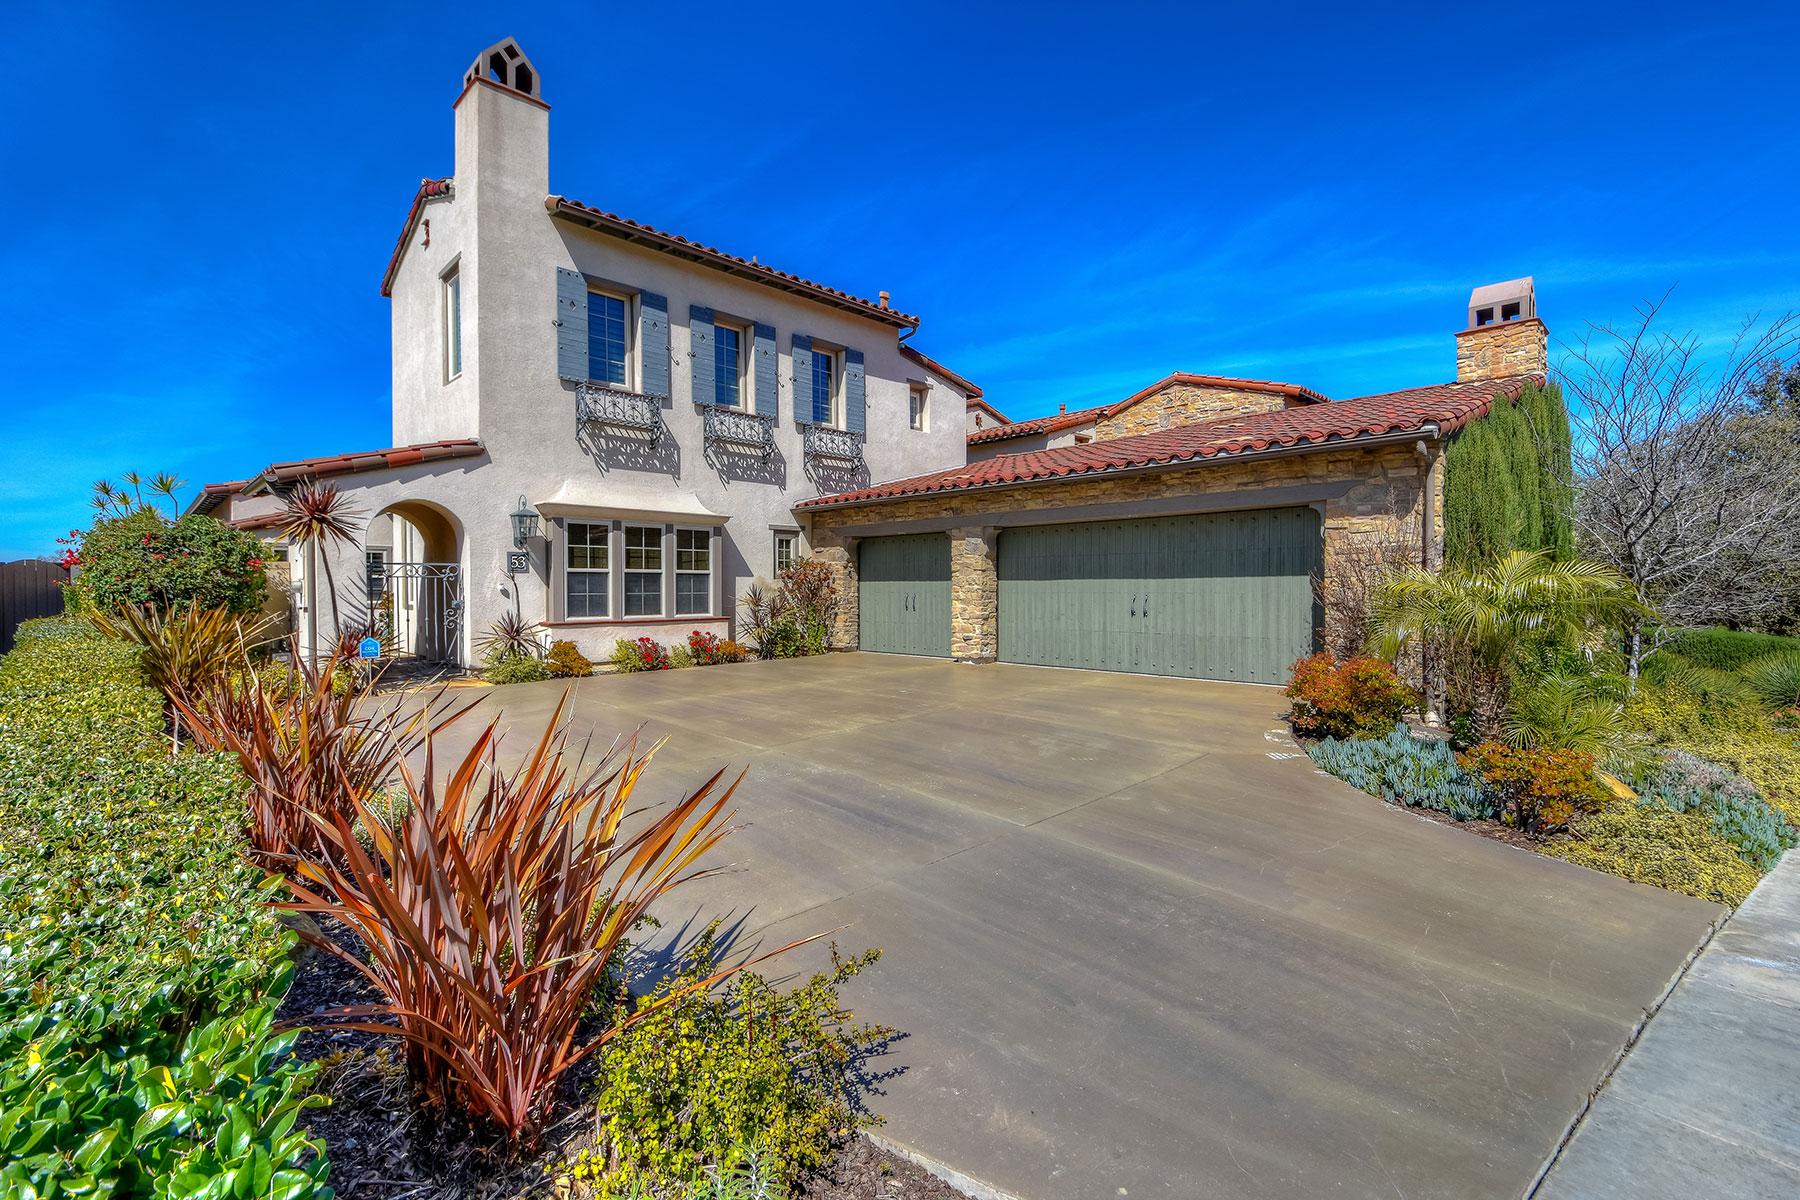 Частный односемейный дом для того Продажа на 53 Hidden Trail Irvine, Калифорния, 92603 Соединенные Штаты